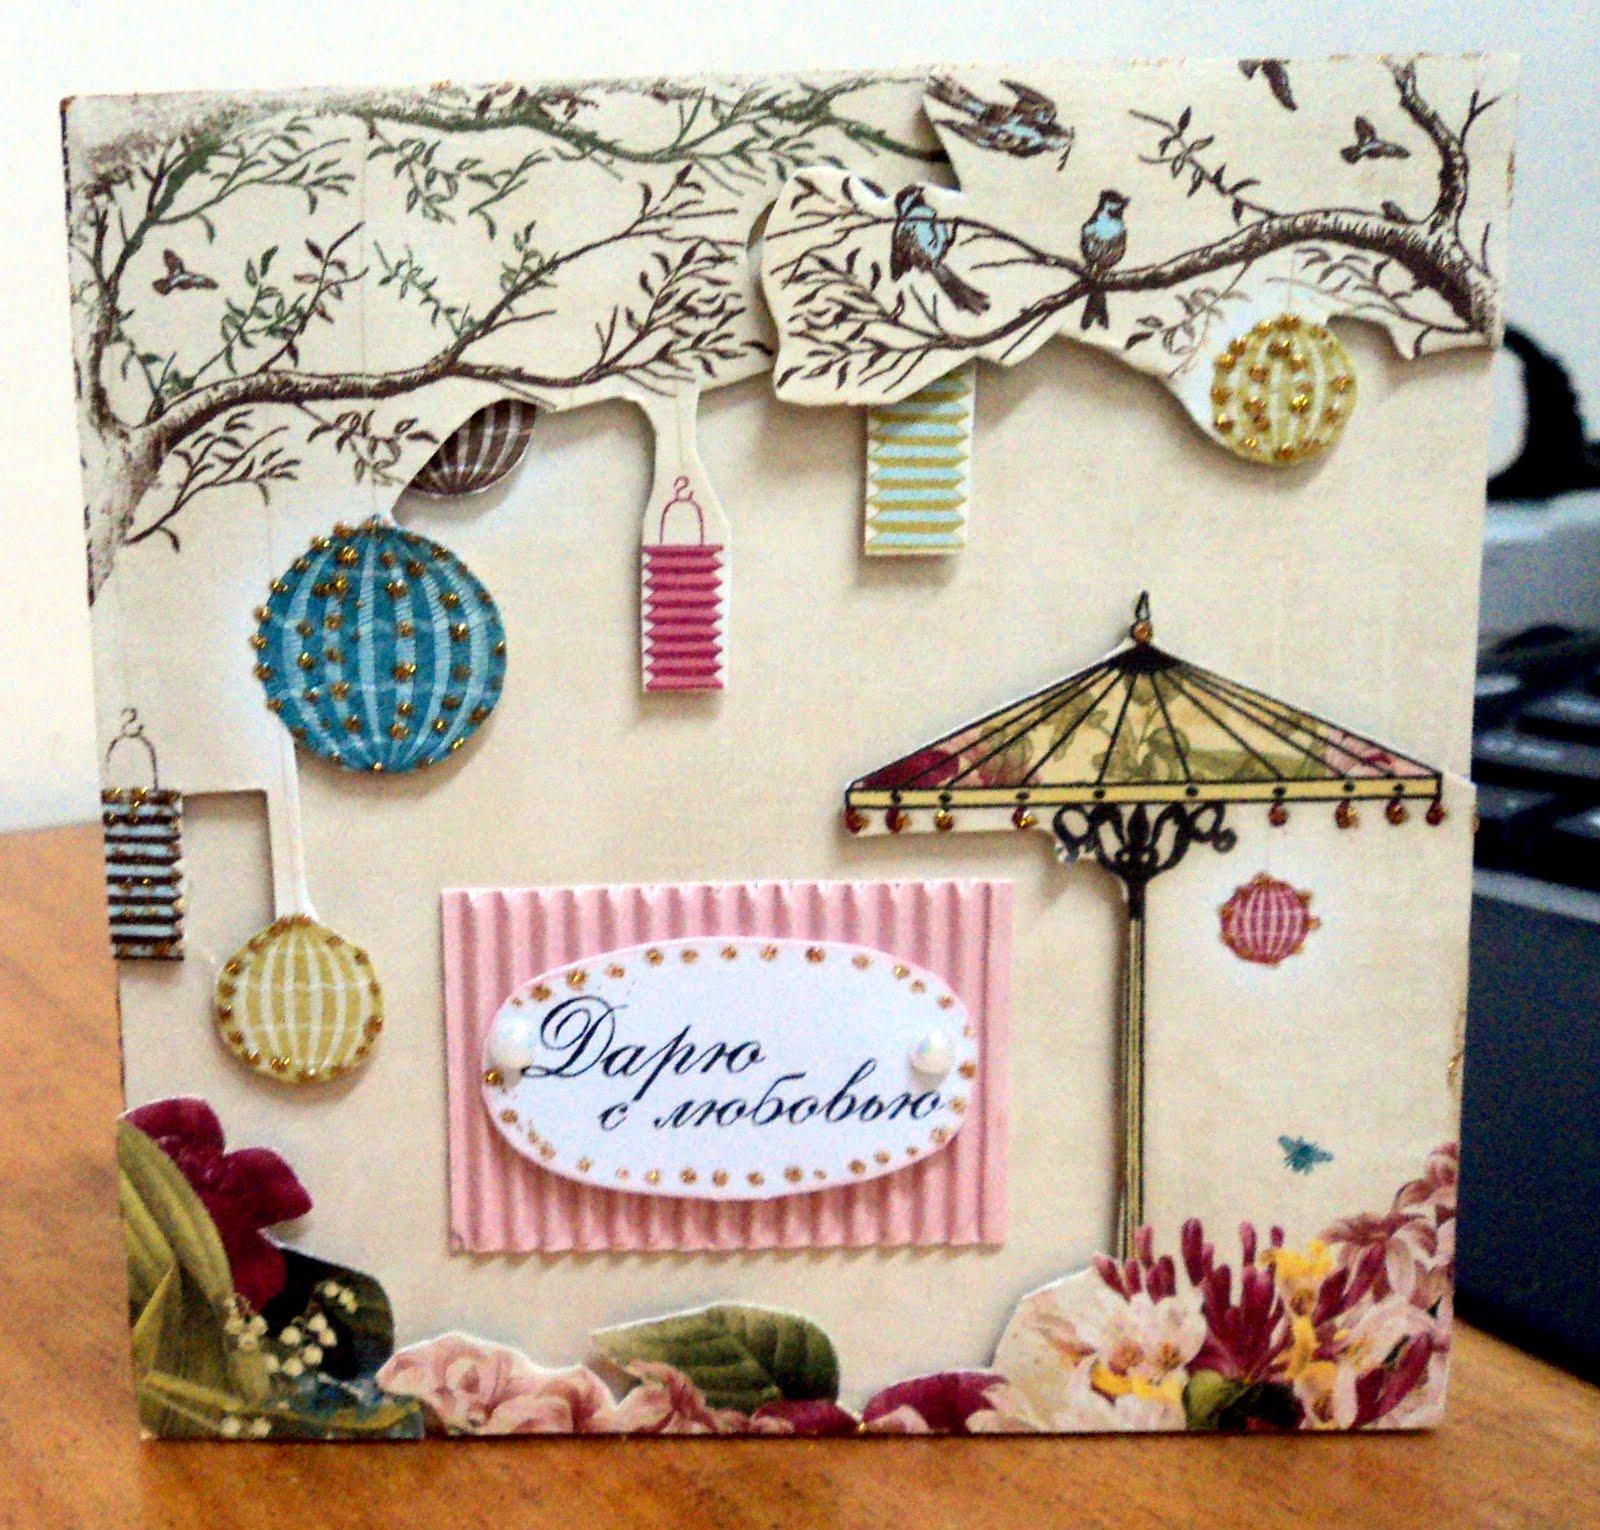 Как сделать объёмную открытку на День рождения своими руками? 8